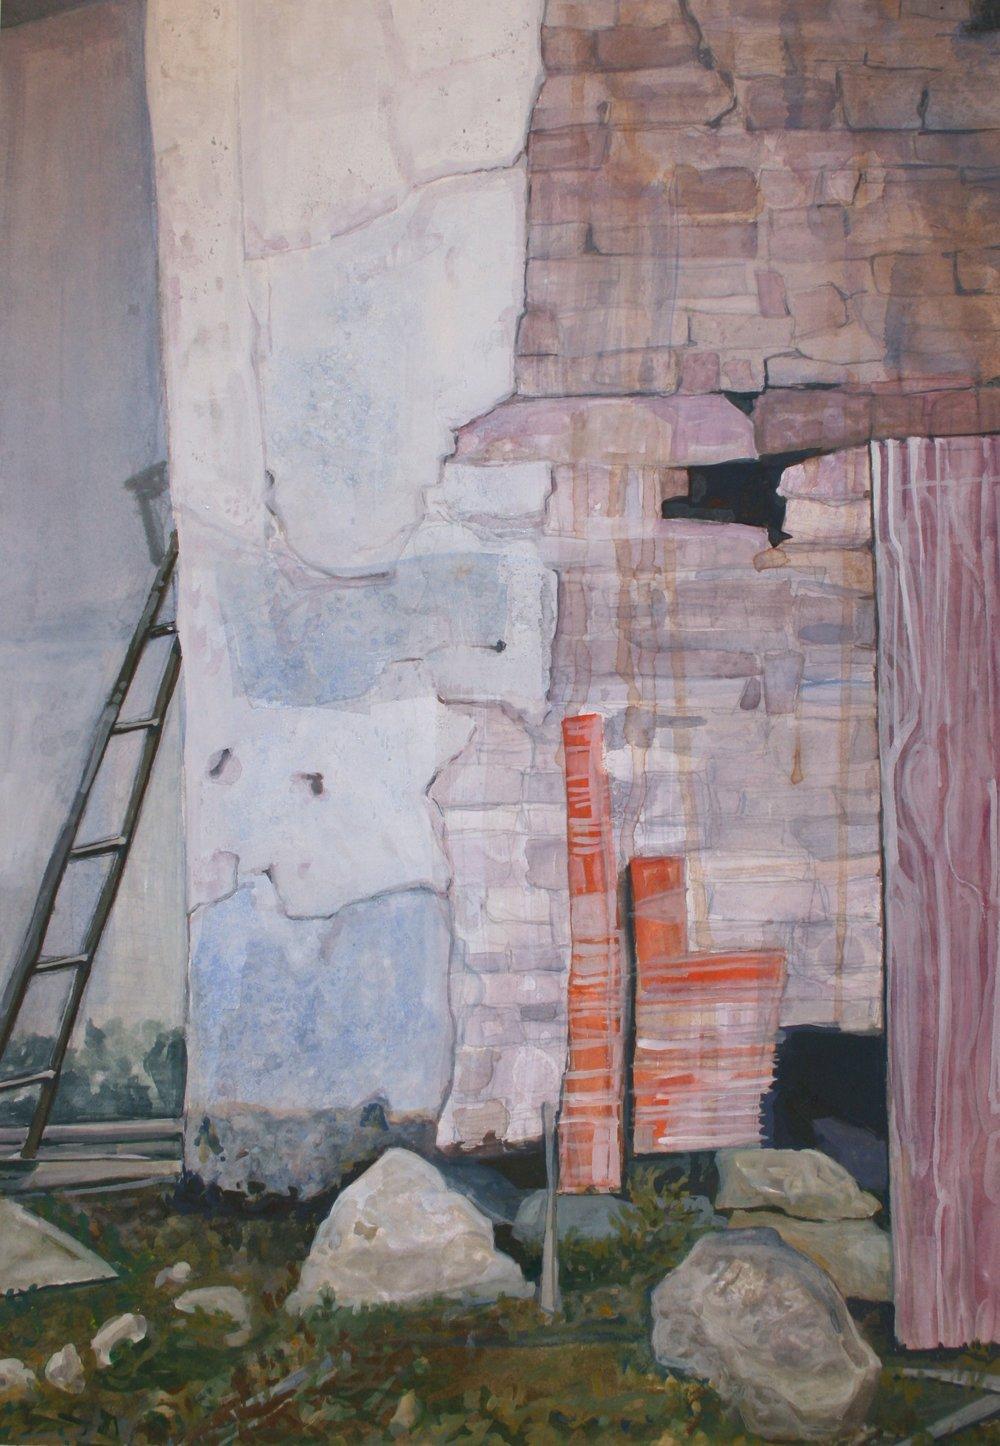 """Broken Down Building, Ballycastle   Watercolor/gouache, 20x24"""", 2013"""